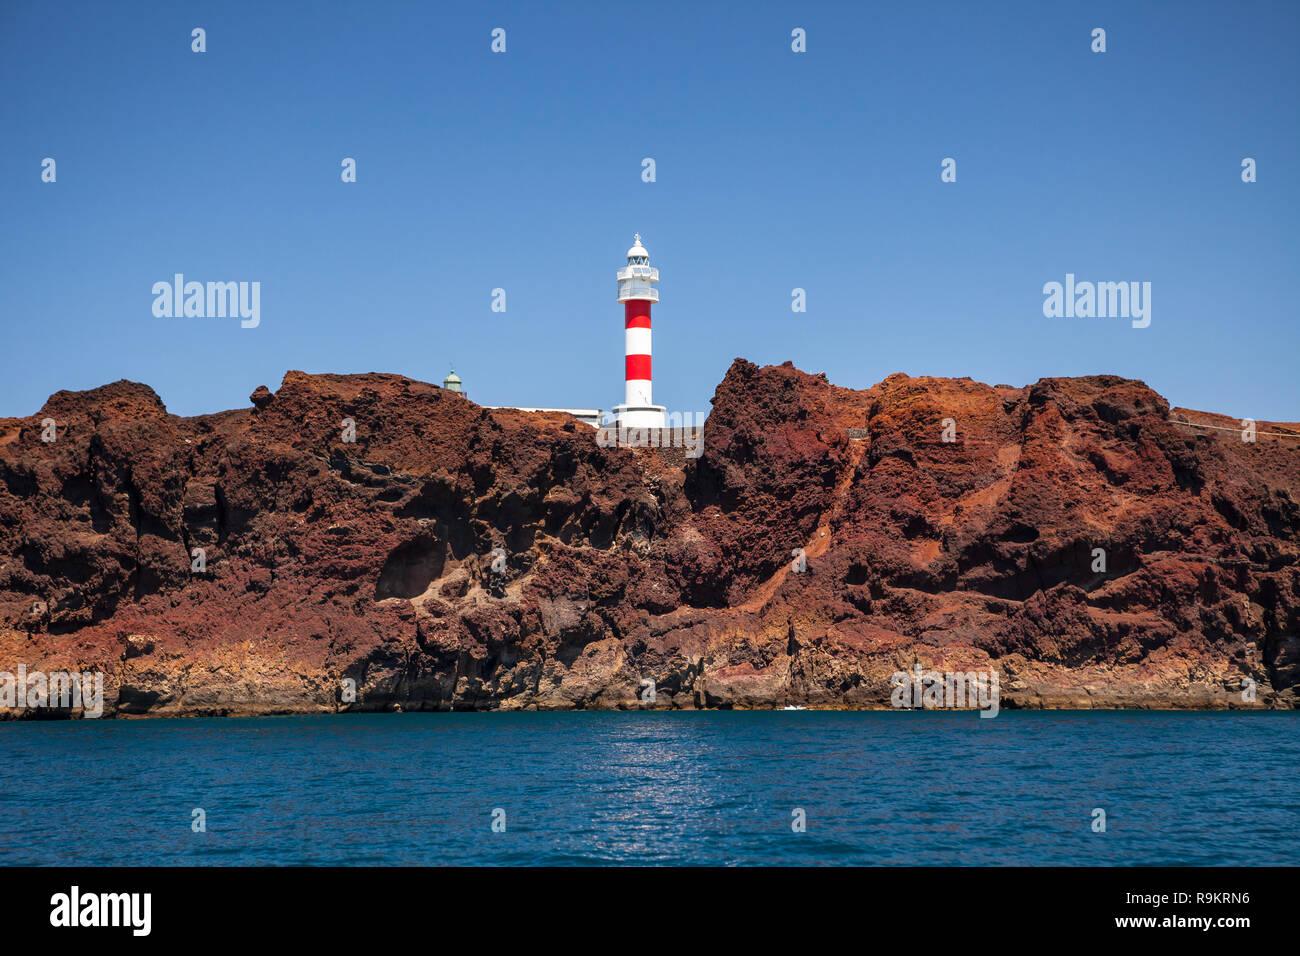 Leuchtturm Punta de Teno, Teneriffa, Kanarische Inseln, Spanien. Stockbild